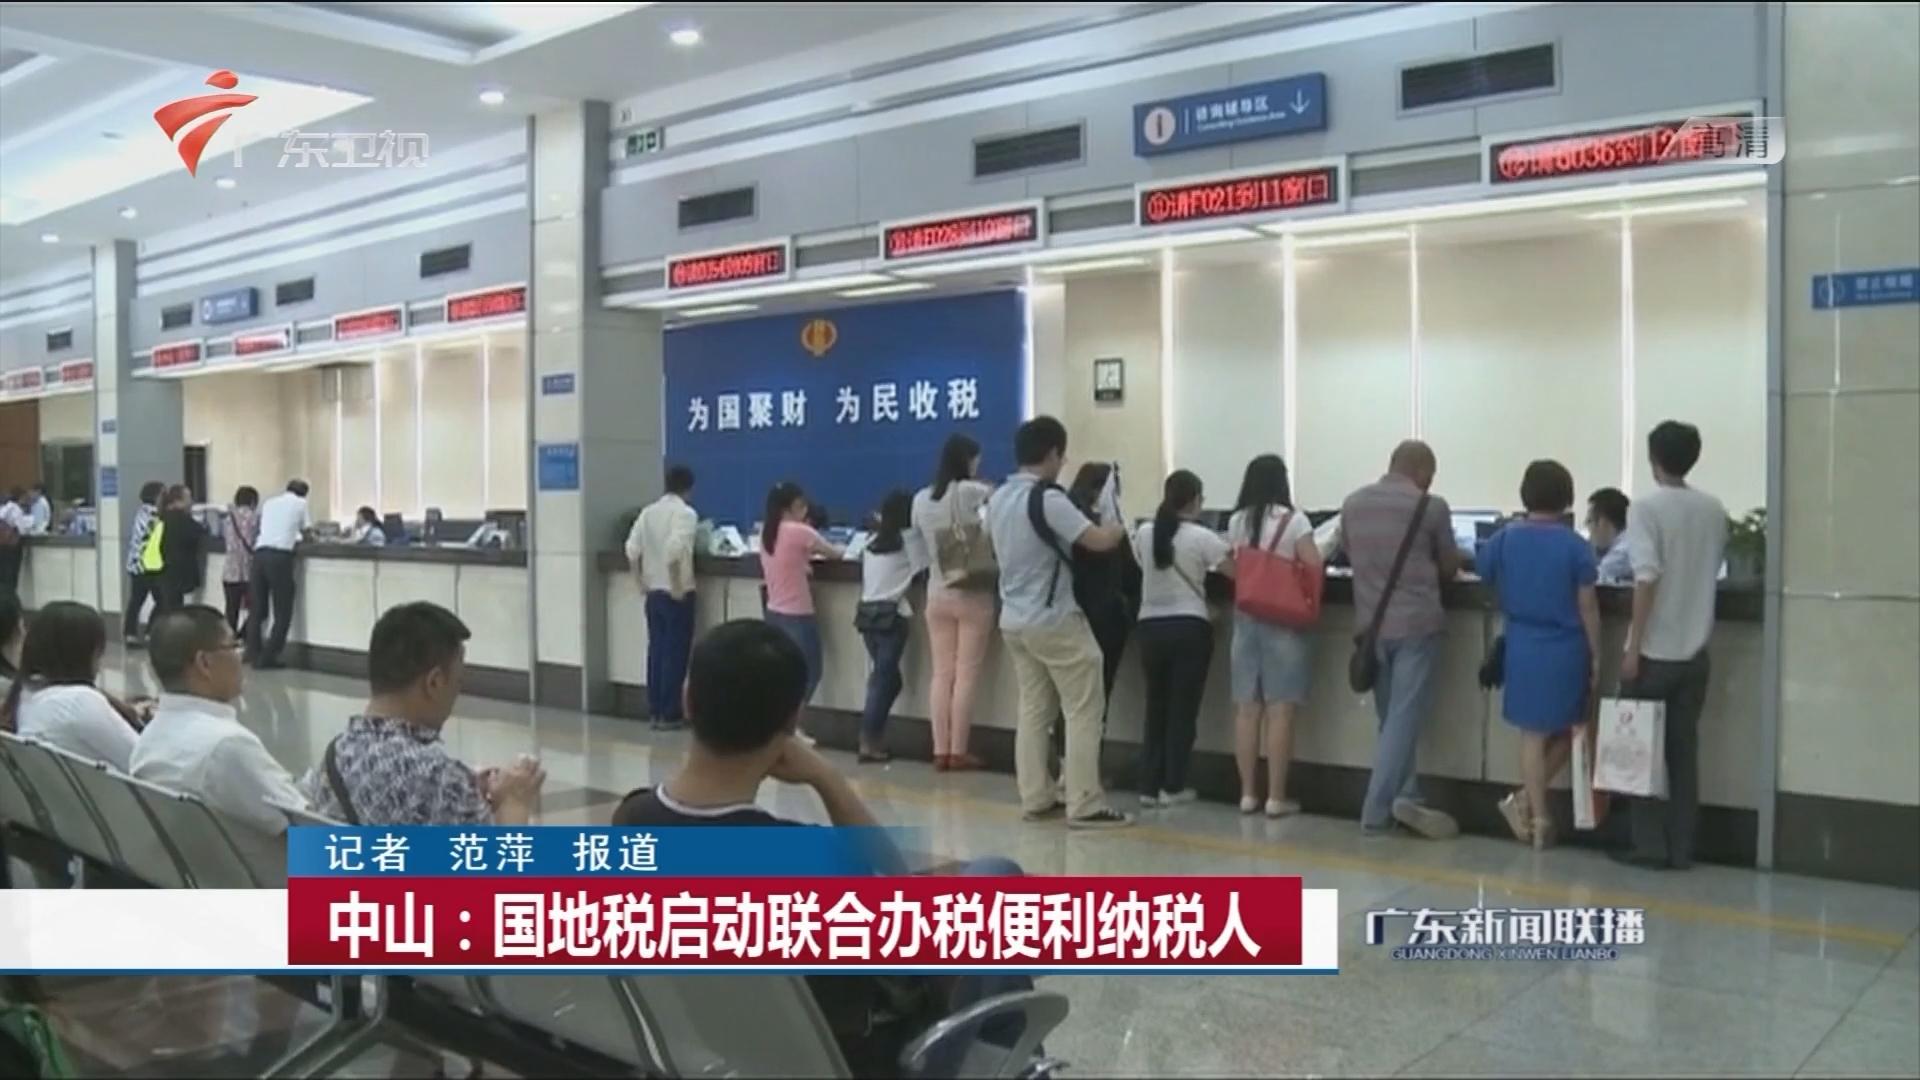 中山:国地税启动联合办税便利纳税人